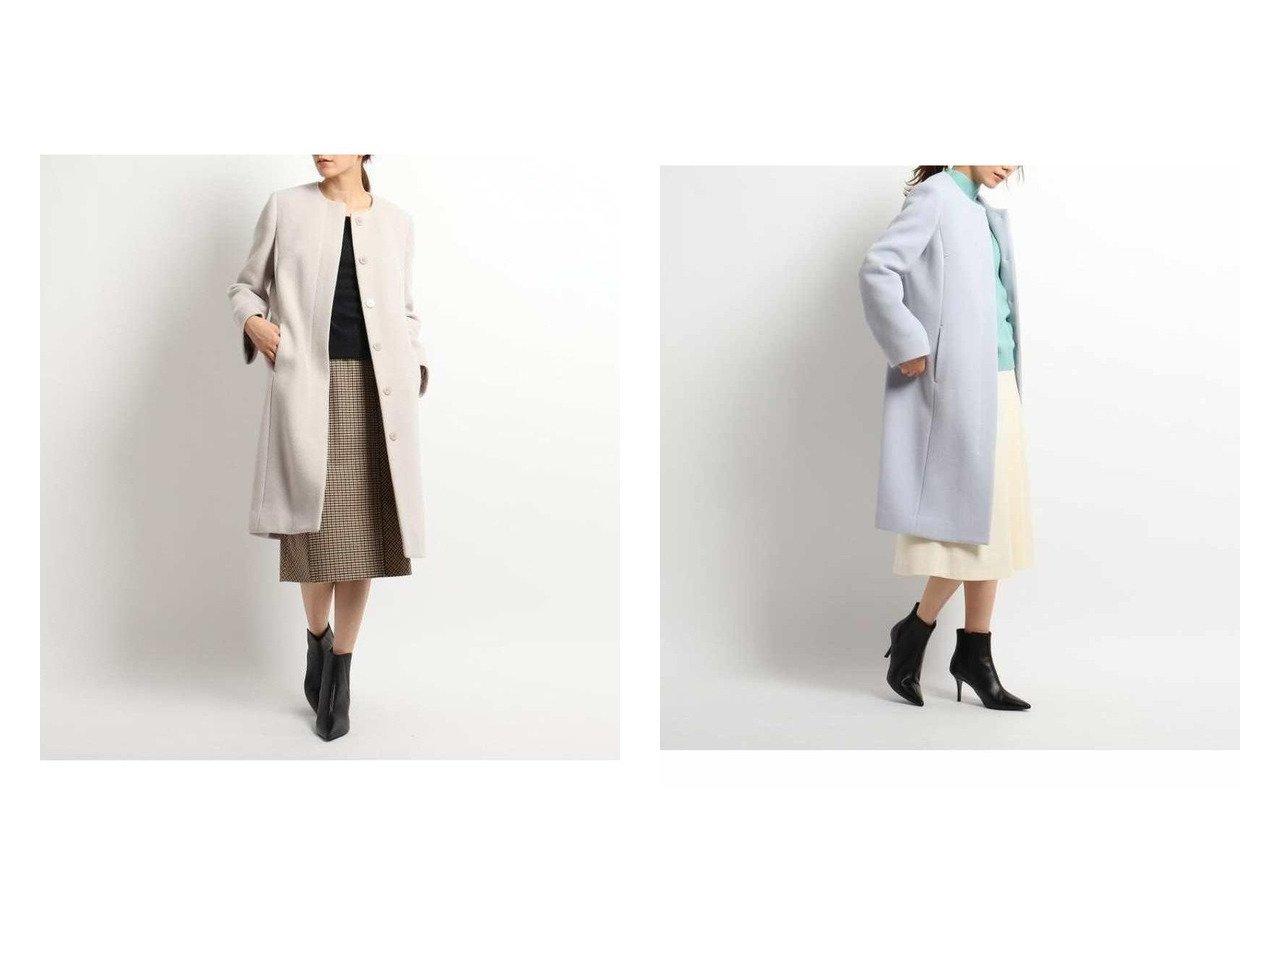 【COUP DE CHANCE/クード シャンス】のダブルビーバーノーカラーコート アウターのおすすめ!人気、トレンド・レディースファッションの通販  おすすめで人気の流行・トレンド、ファッションの通販商品 メンズファッション・キッズファッション・インテリア・家具・レディースファッション・服の通販 founy(ファニー) https://founy.com/ ファッション Fashion レディースファッション WOMEN アウター Coat Outerwear コート Coats ジャケット Jackets ノーカラージャケット No Collar Leather Jackets ジャケット フロント ロング |ID:crp329100000012753